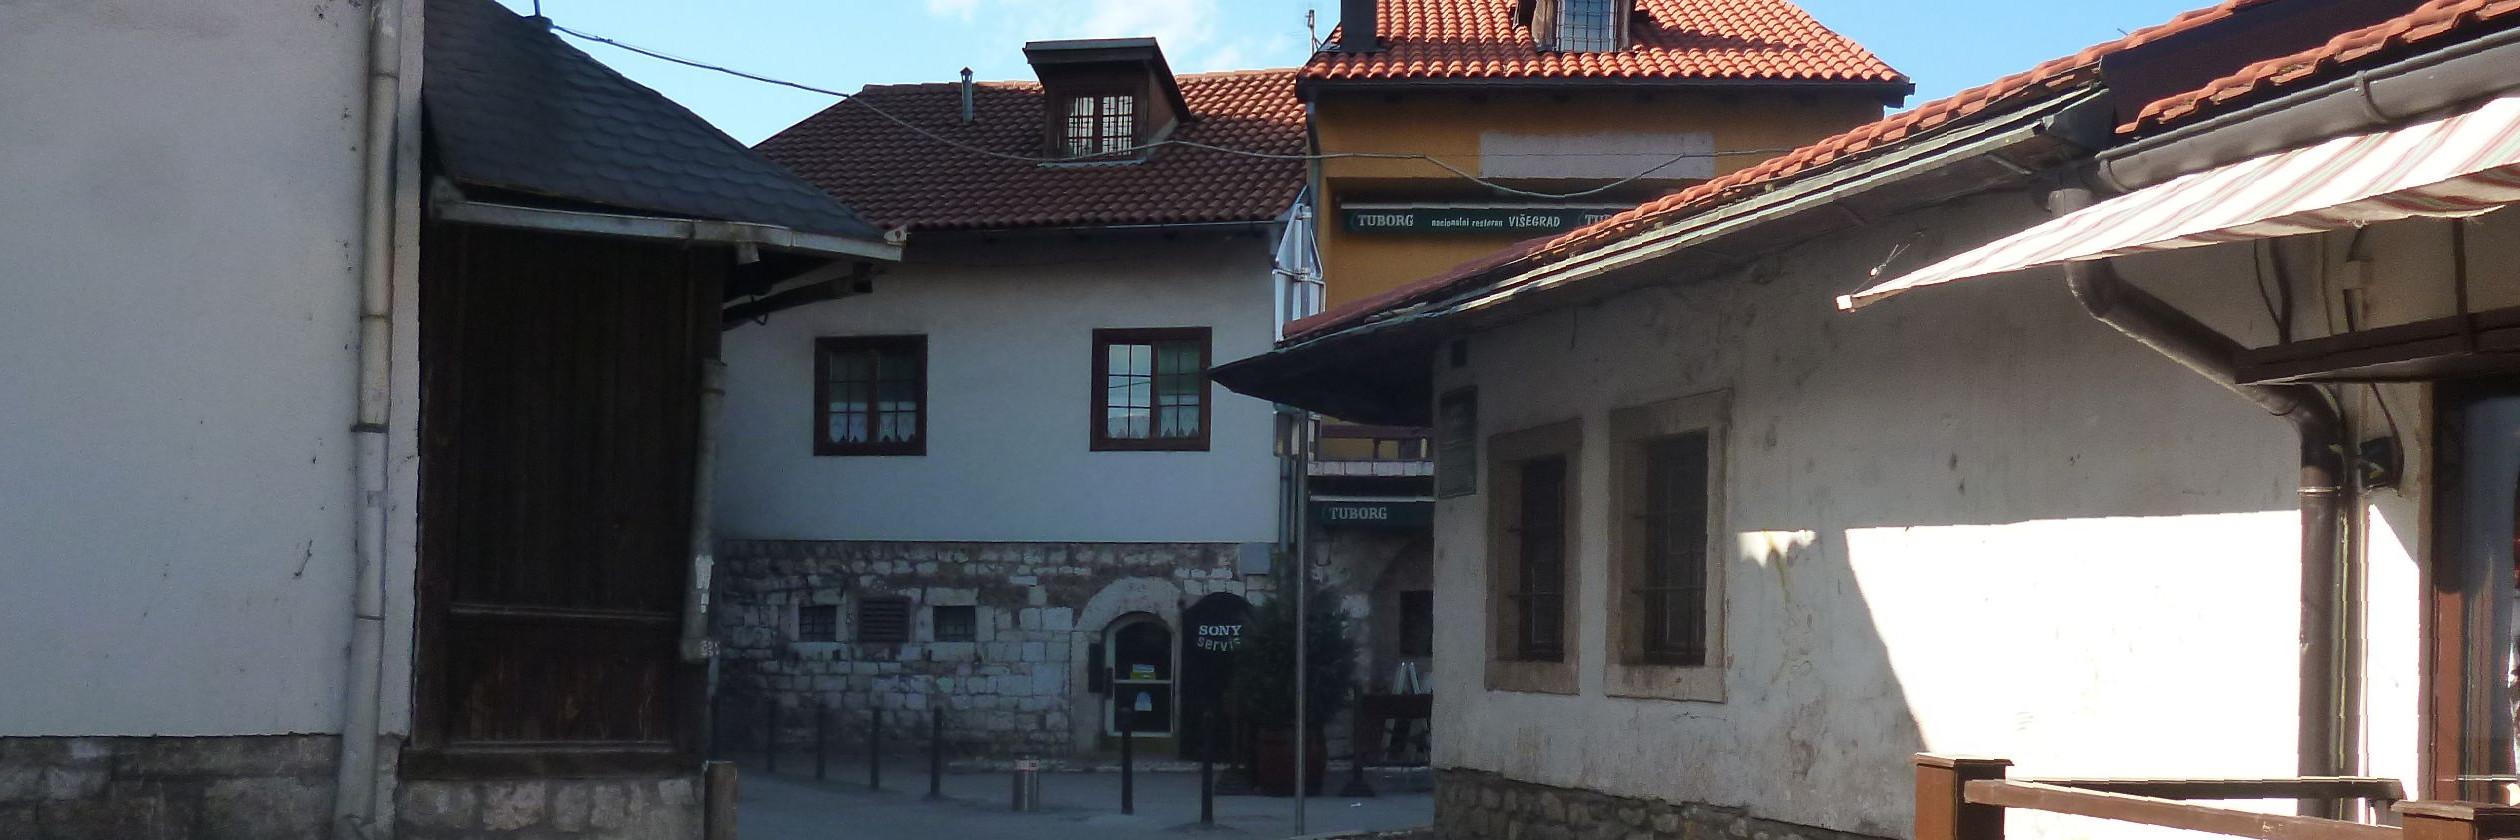 Улица Табаци